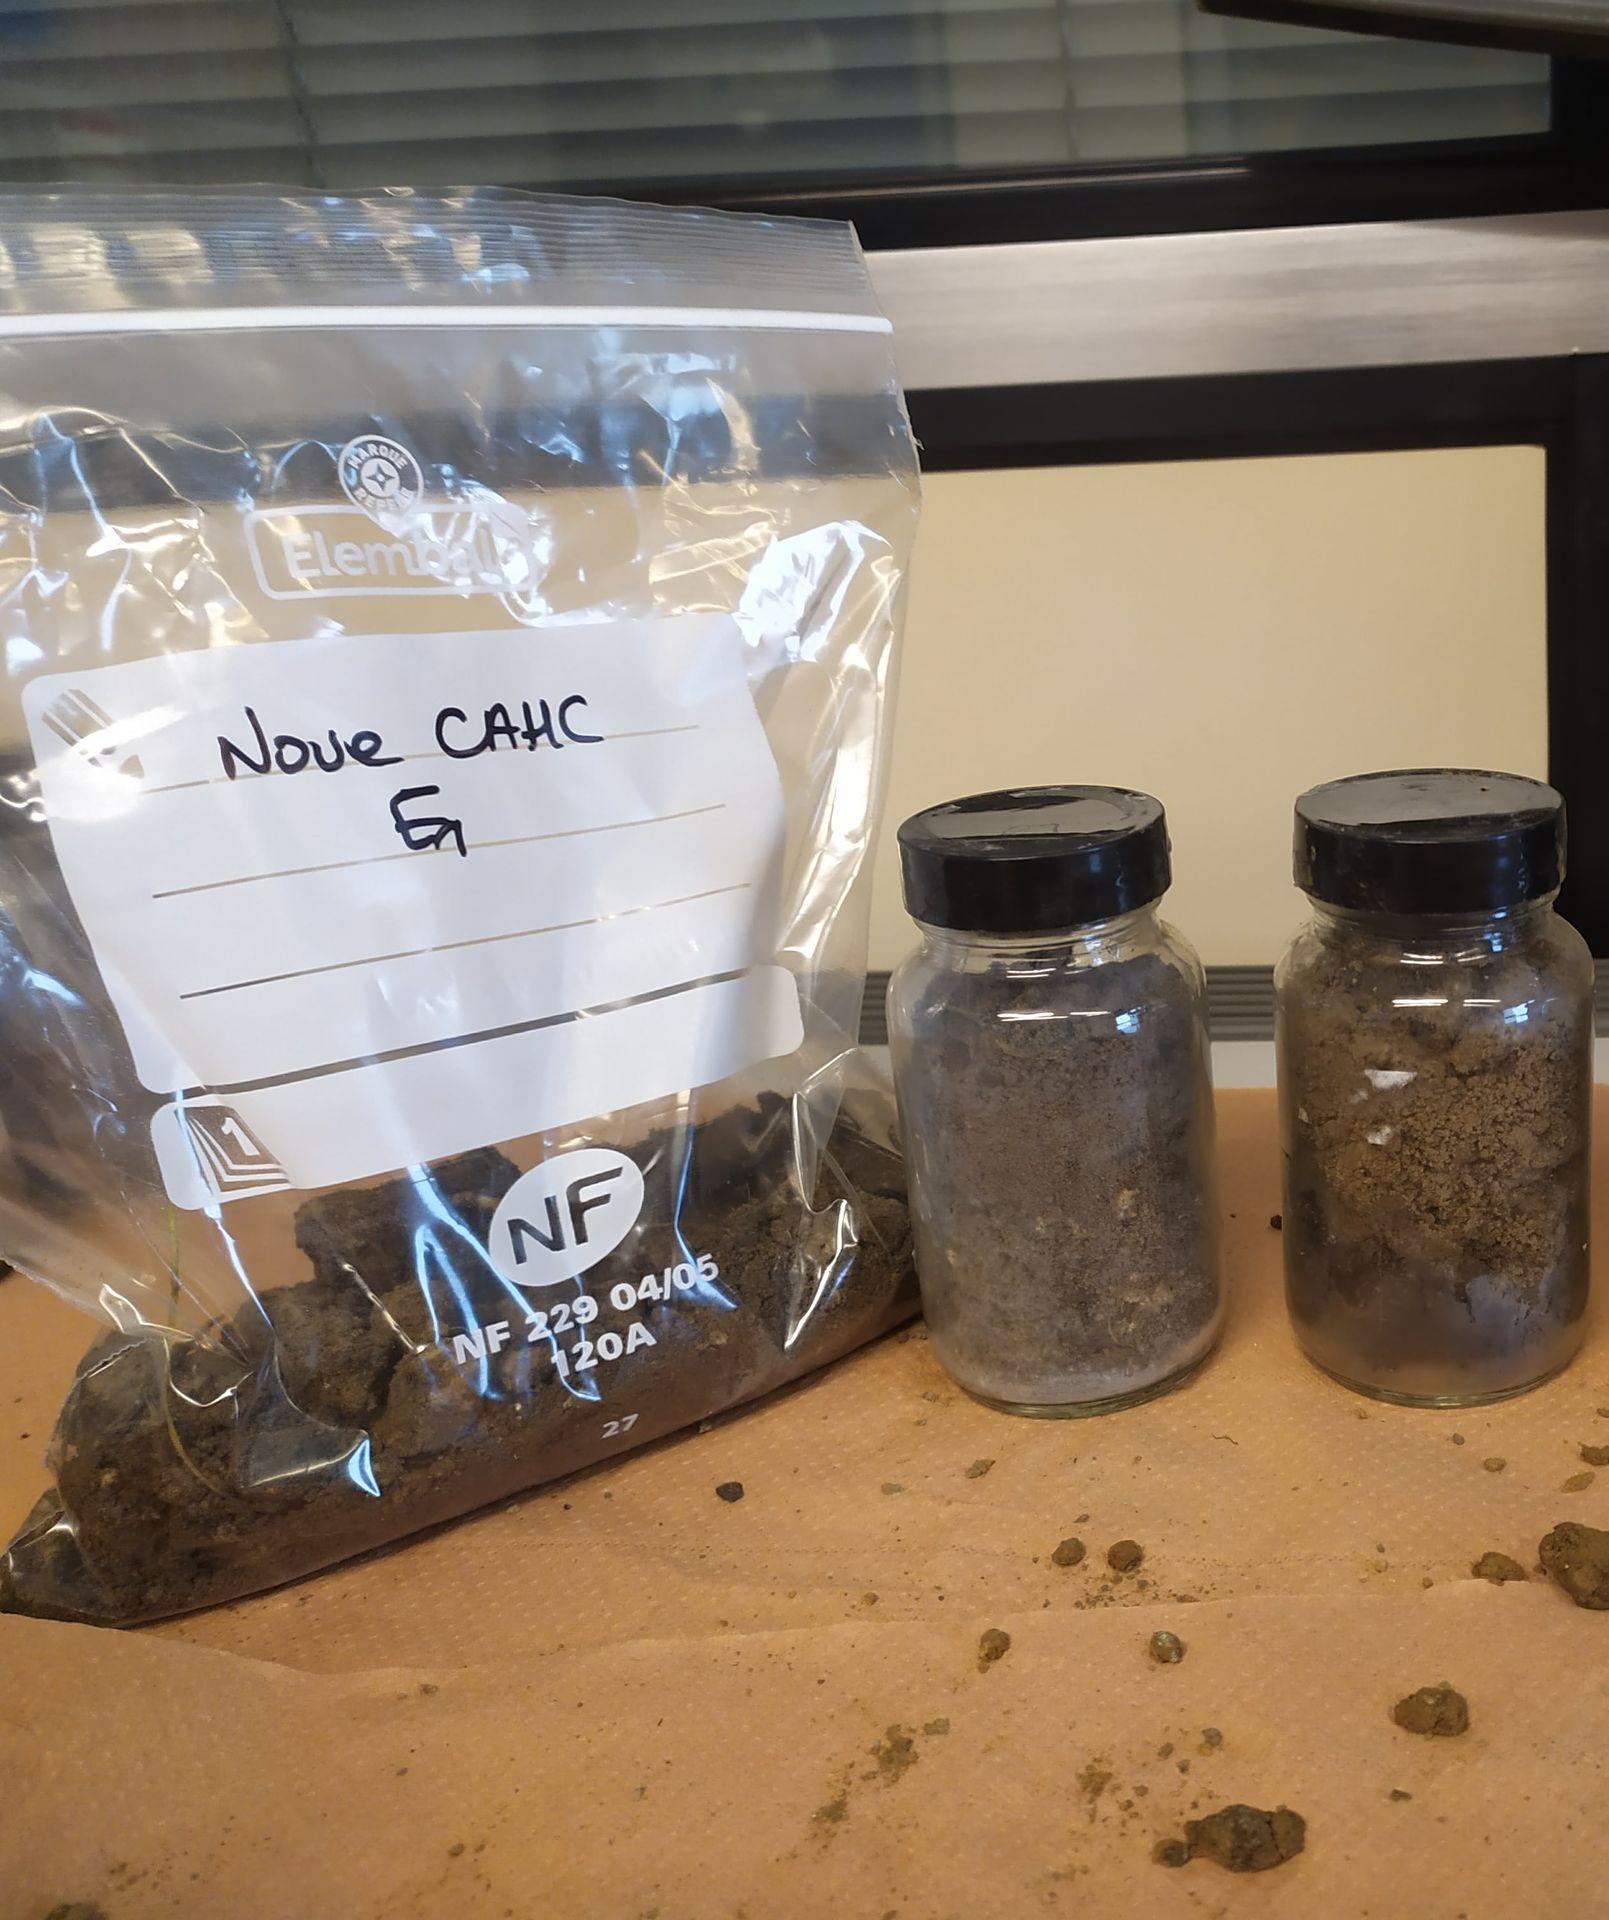 Adopta-Projet TAM-Echantillonnage de carotte de sol pour analyse